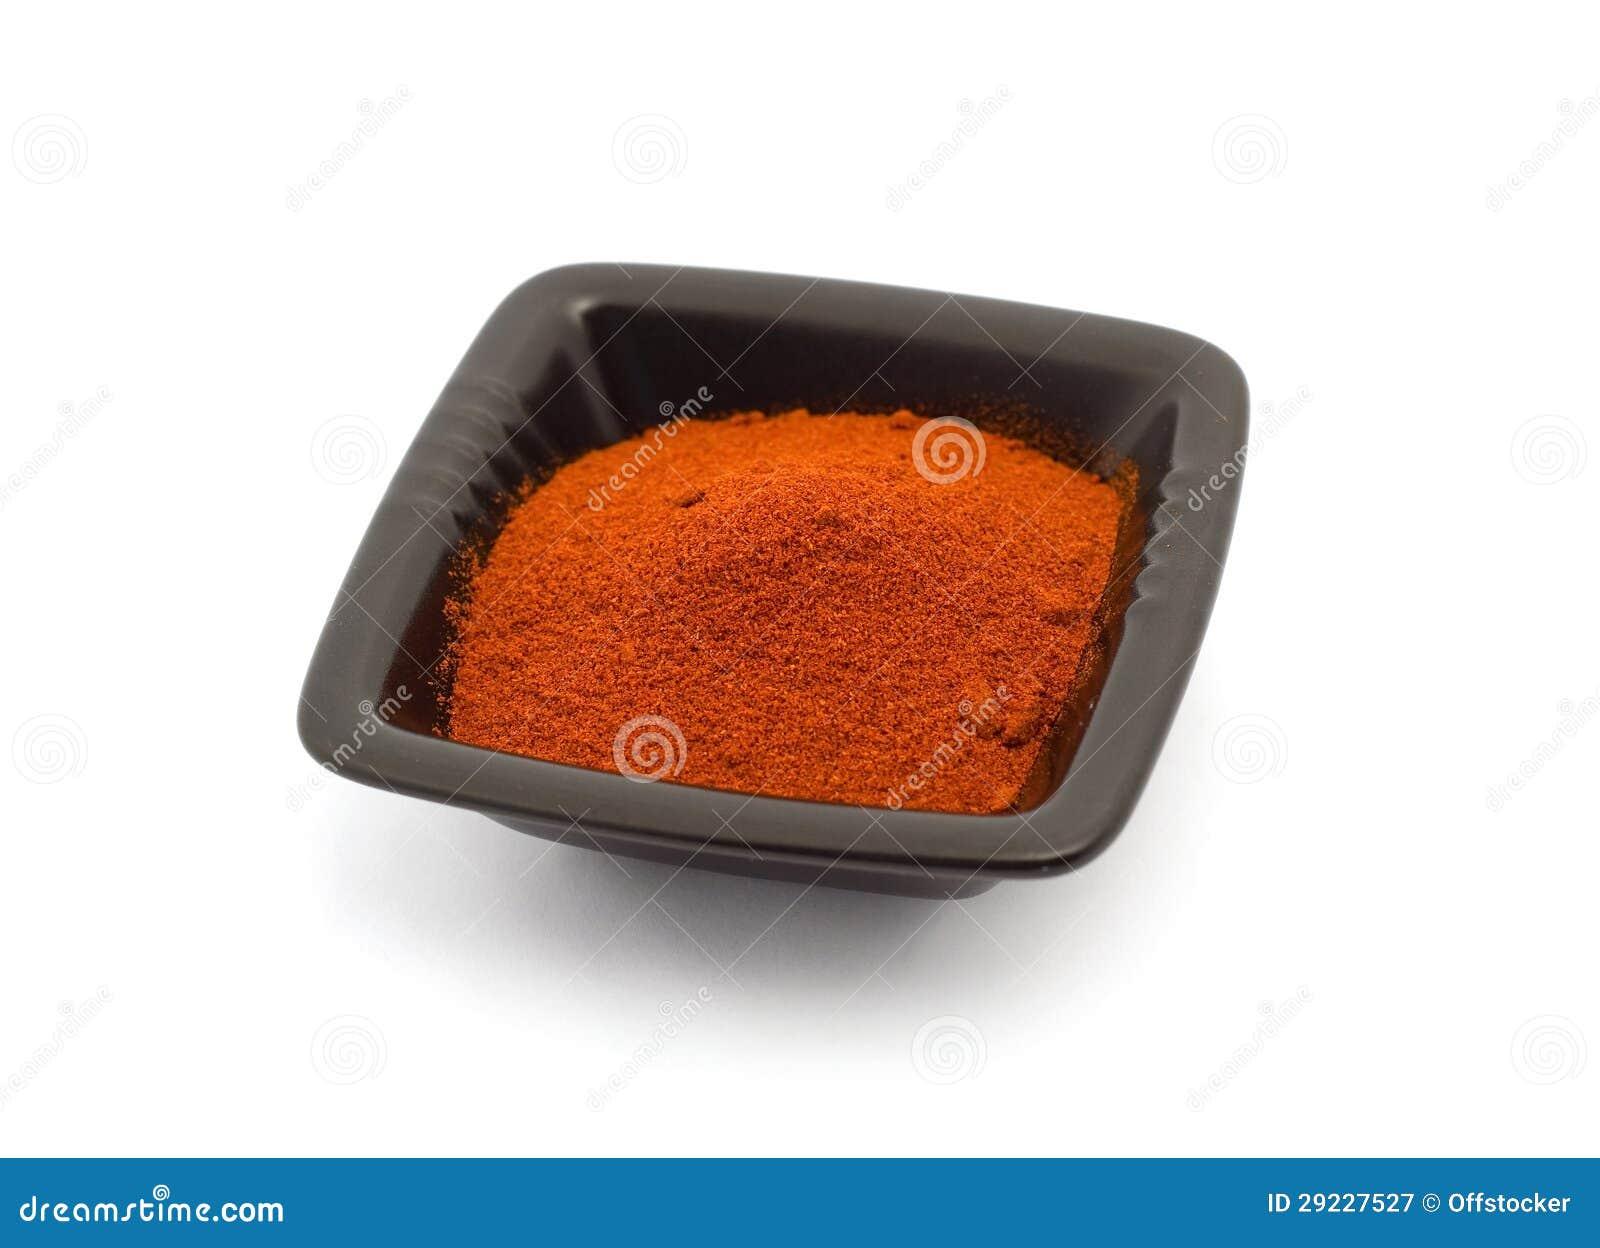 Download Pimenta vermelha à terra imagem de stock. Imagem de alimento - 29227527